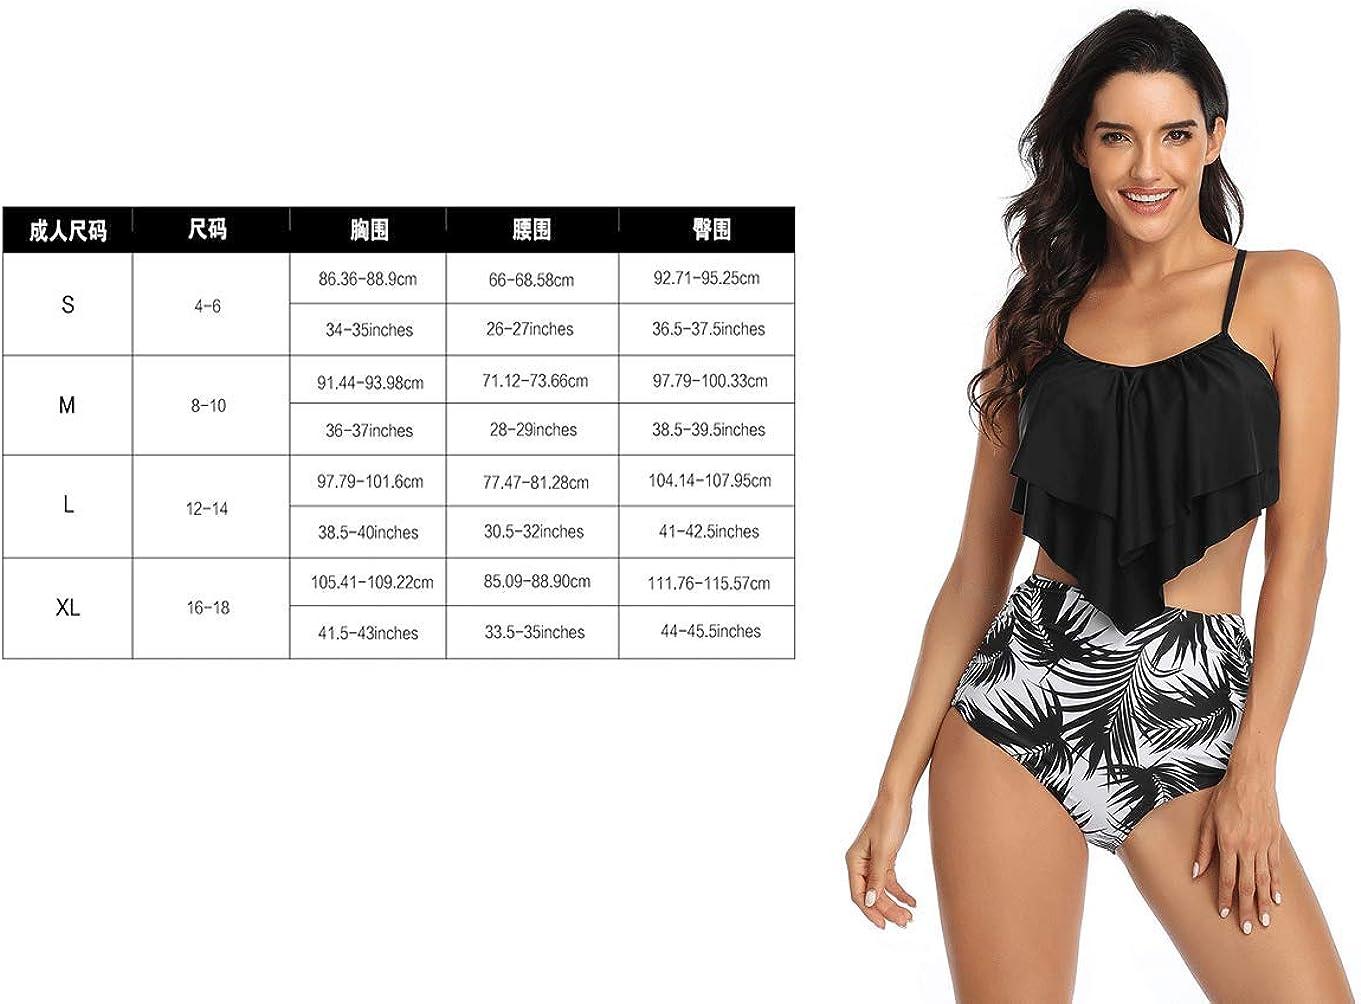 Conjunto de Bikini de Ba/ño Ni/ñas Traje de Ba/ño para Ni/ña Ba/ñador Cuello Halter de Dos Piezas Madre e Hija Bikinis Traje de ba/ño Mam/á beb/é Ba/ñadores de Mujer de Verano Playa